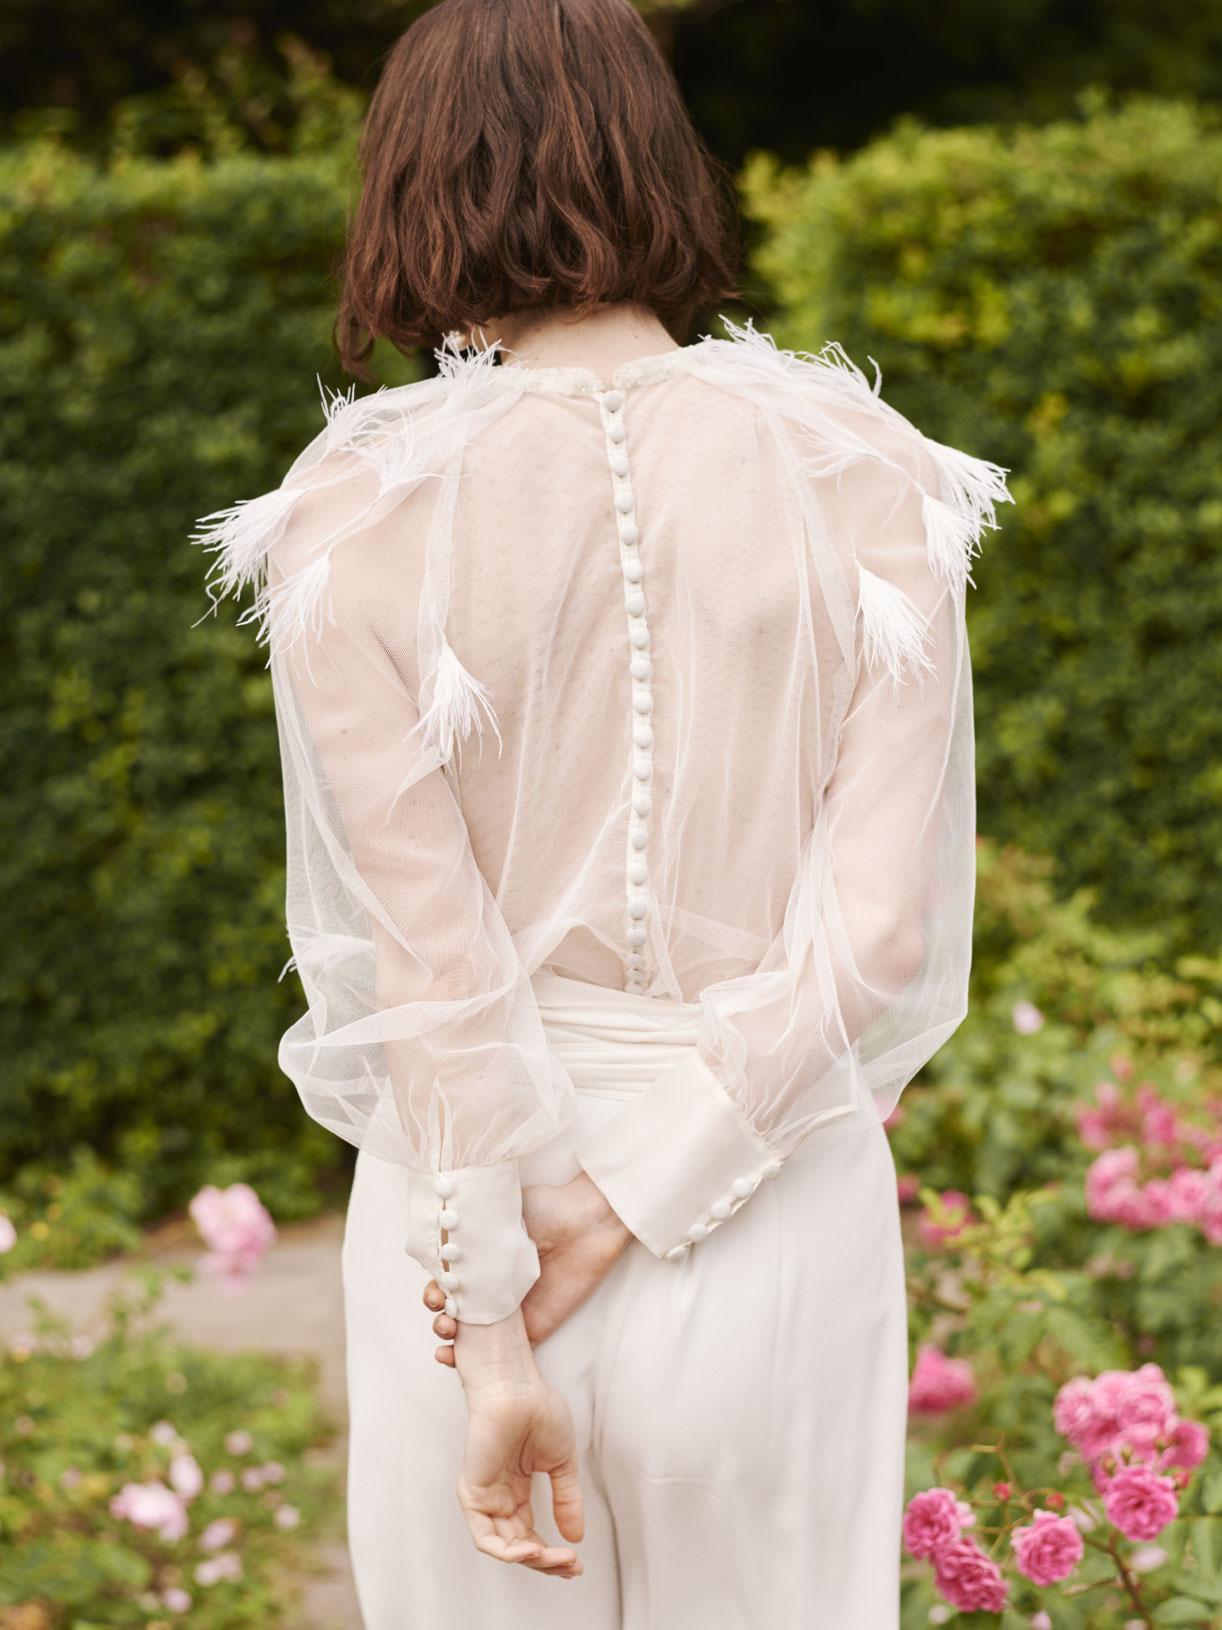 Créatrice de robe de mariée romantique sur-mesure écoresponsable - Myphilo